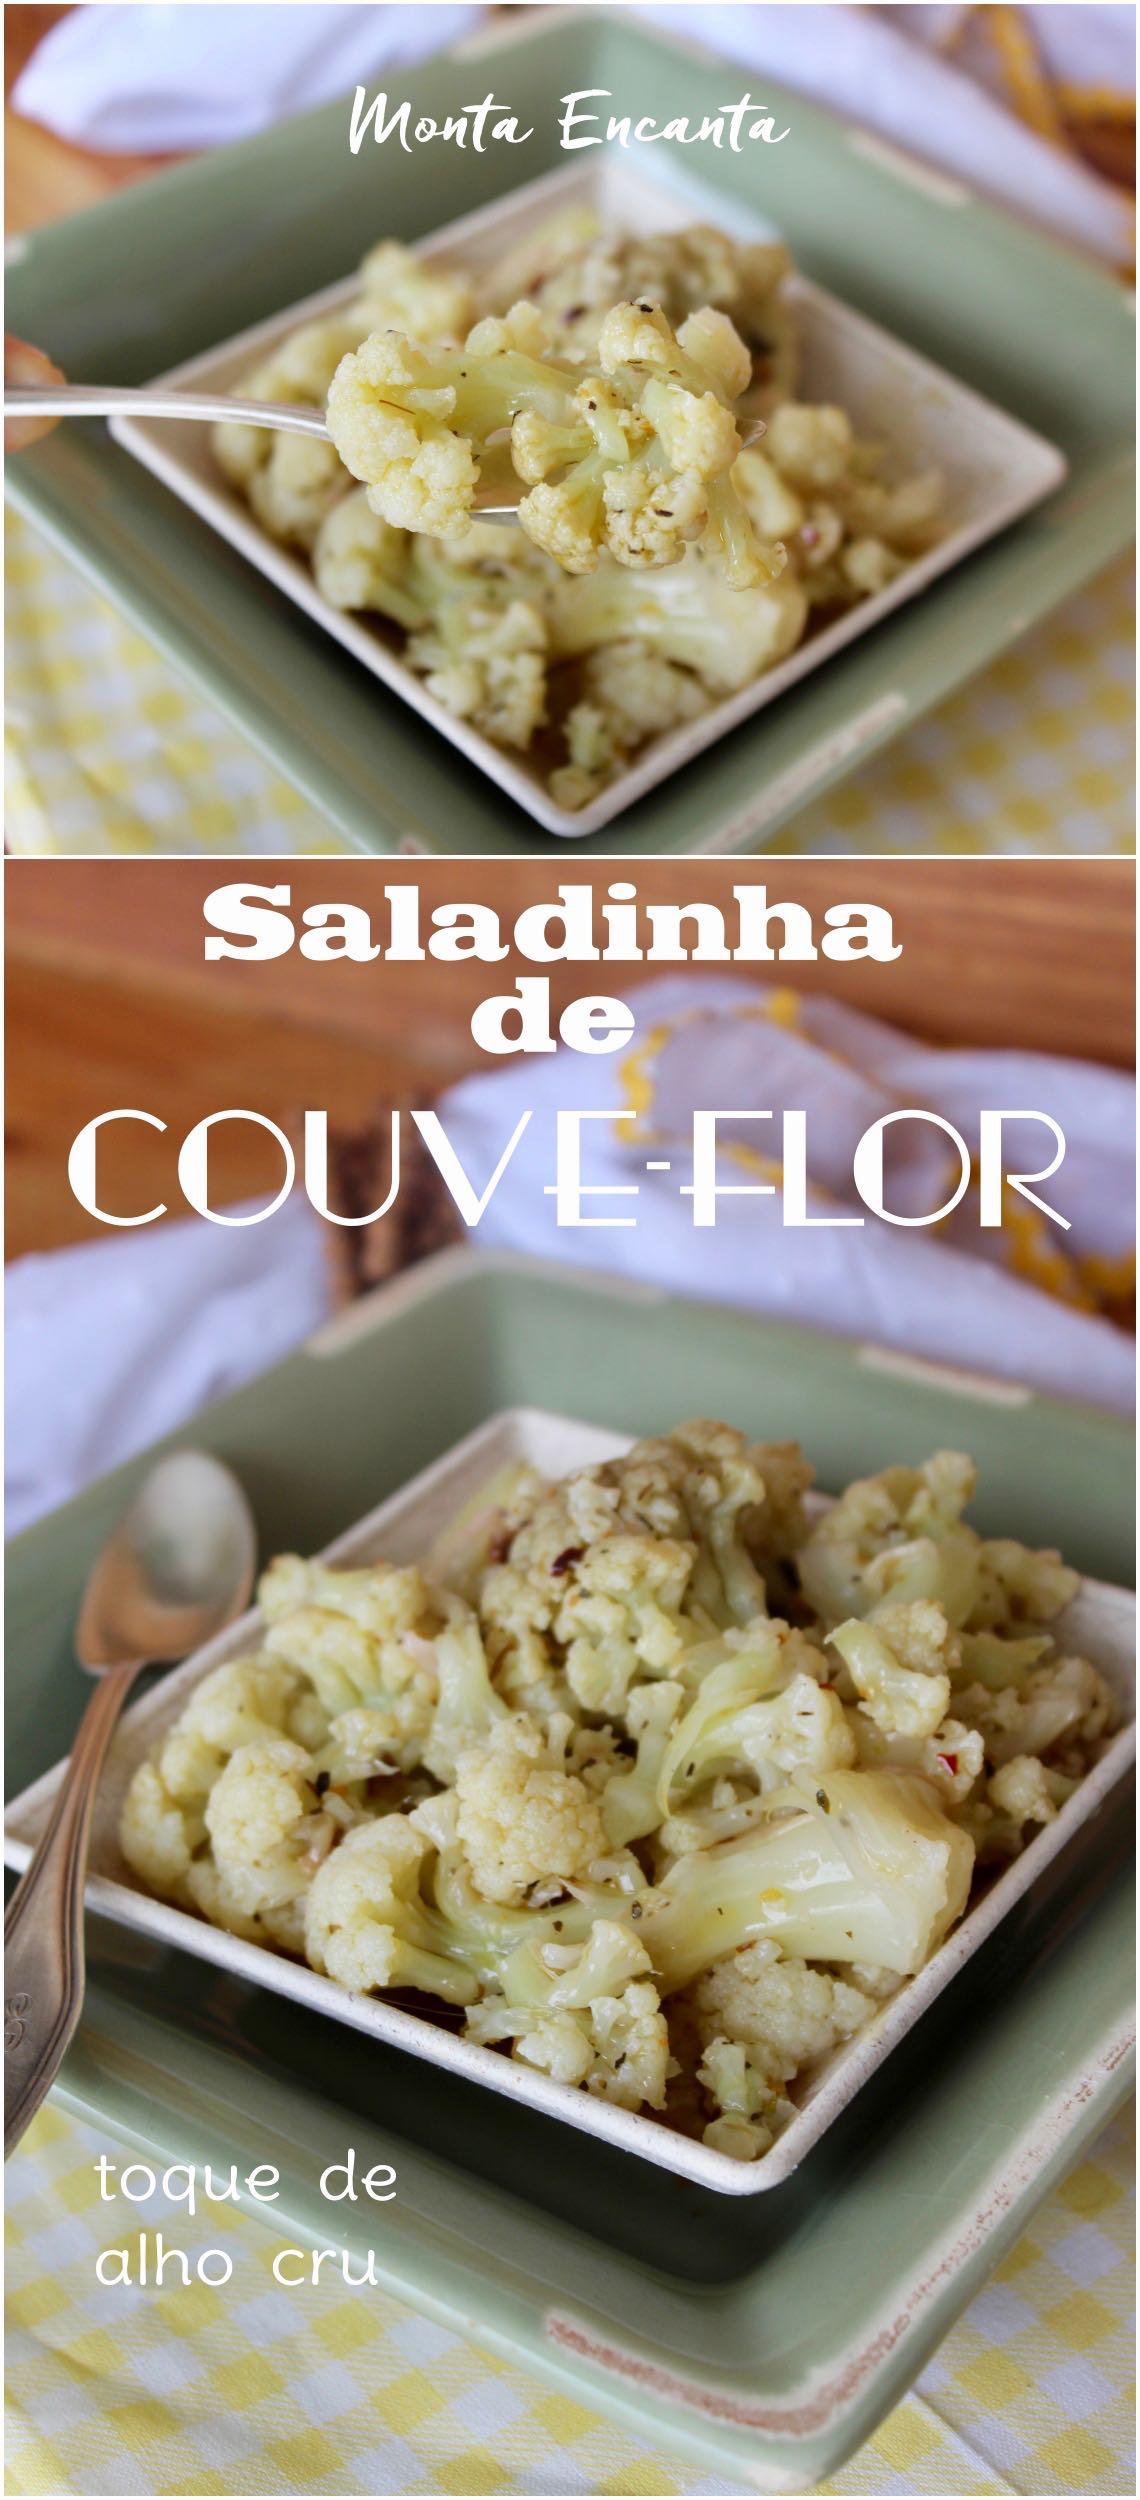 como fazer salada de couve-flor